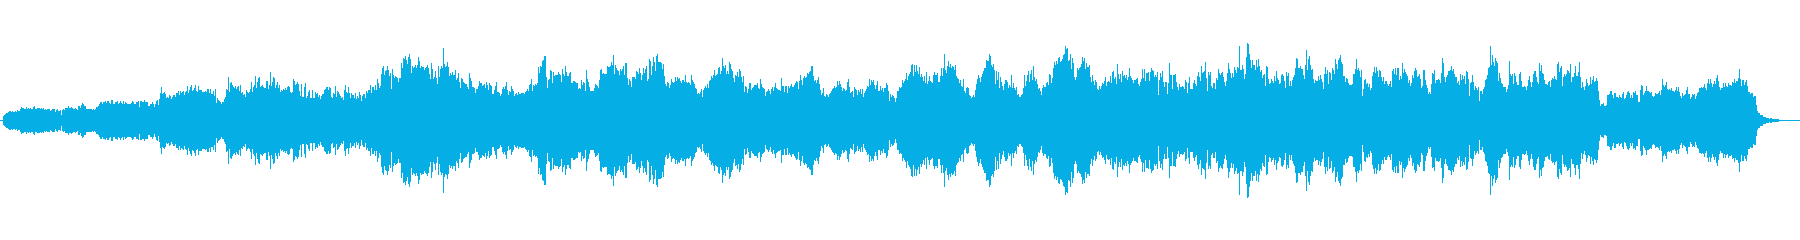 本格的な弦楽四重奏の再生済みの波形